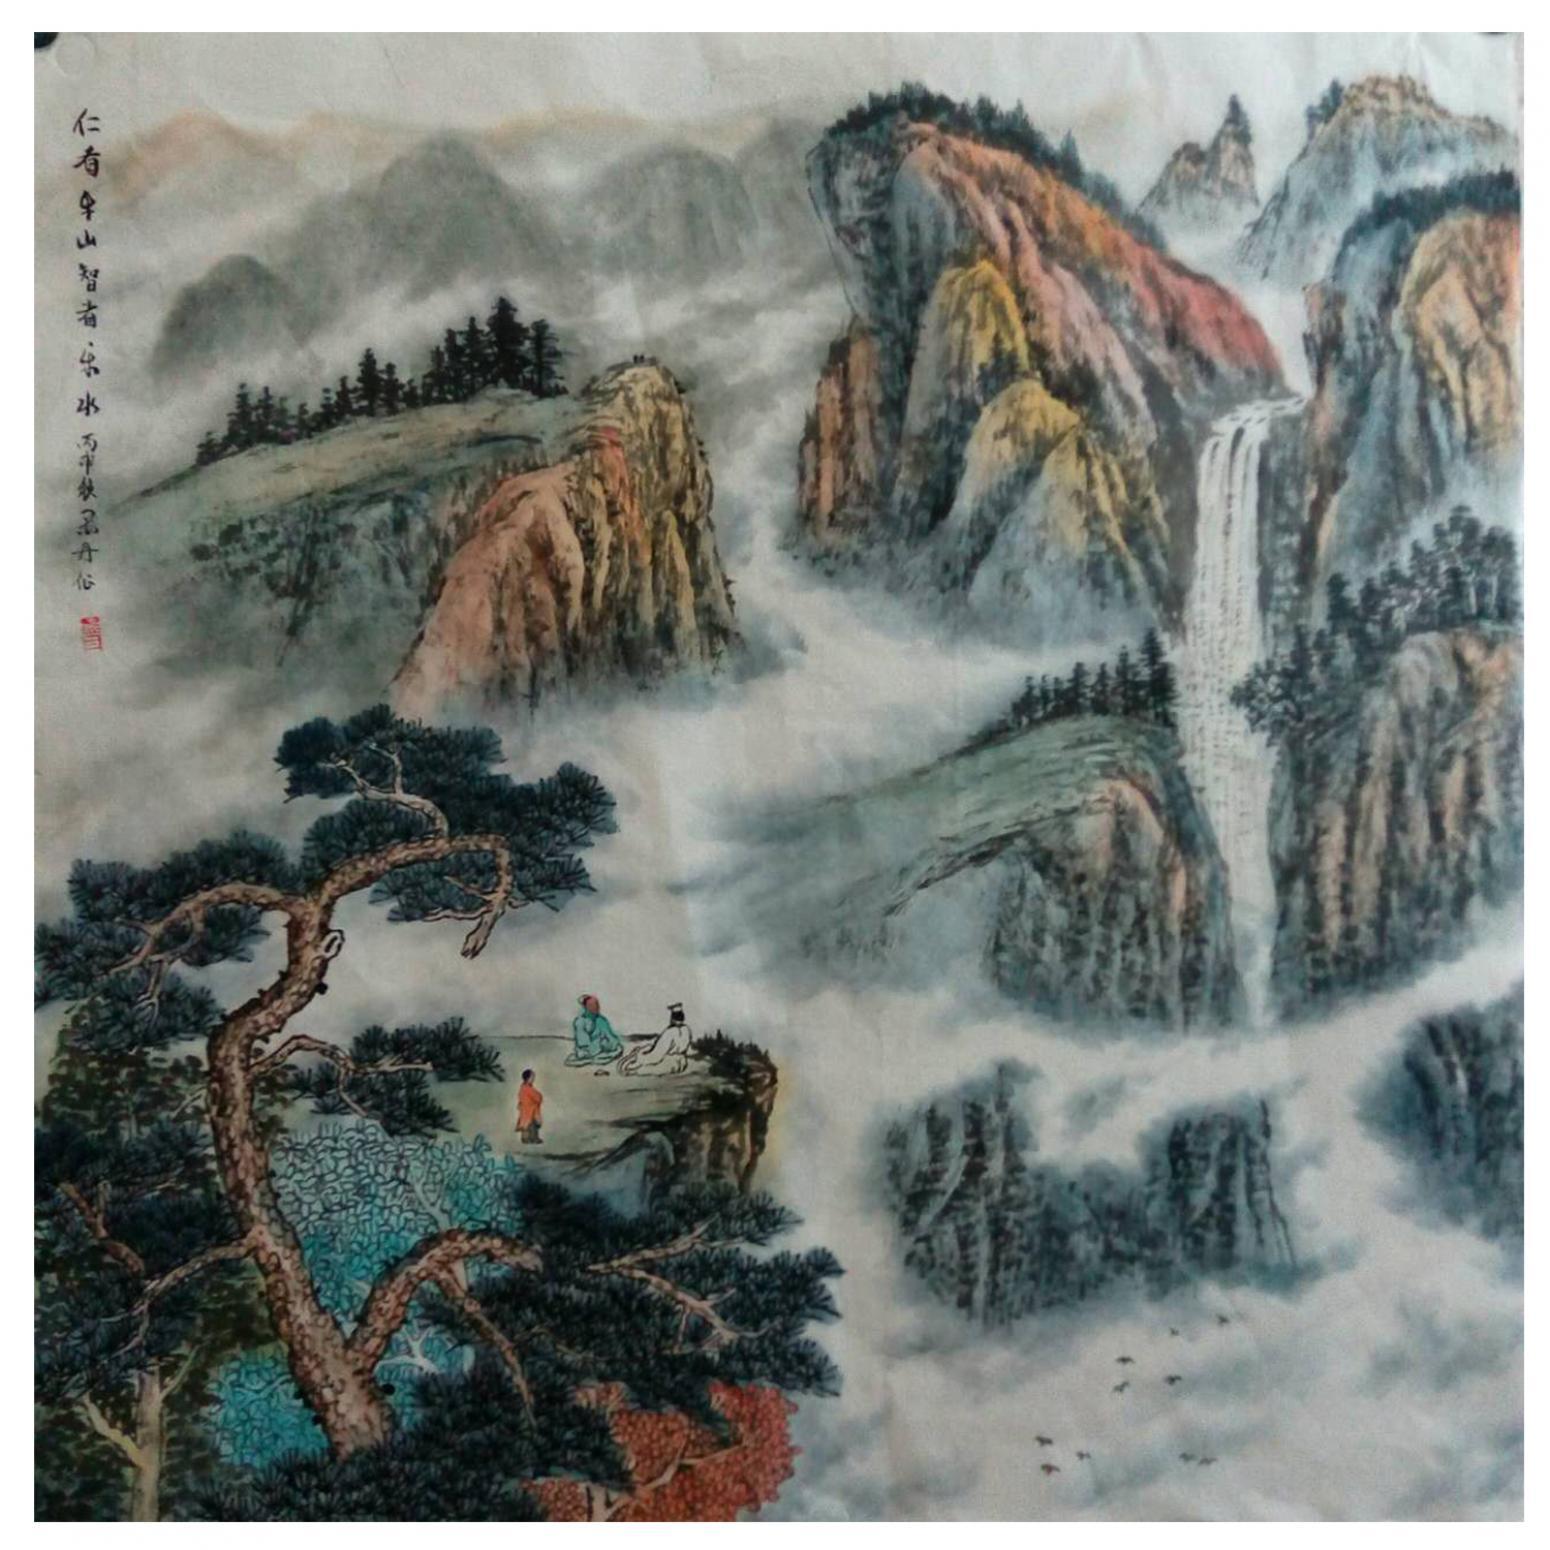 墨丹国画作品《【仙境萦绕】作者墨丹》